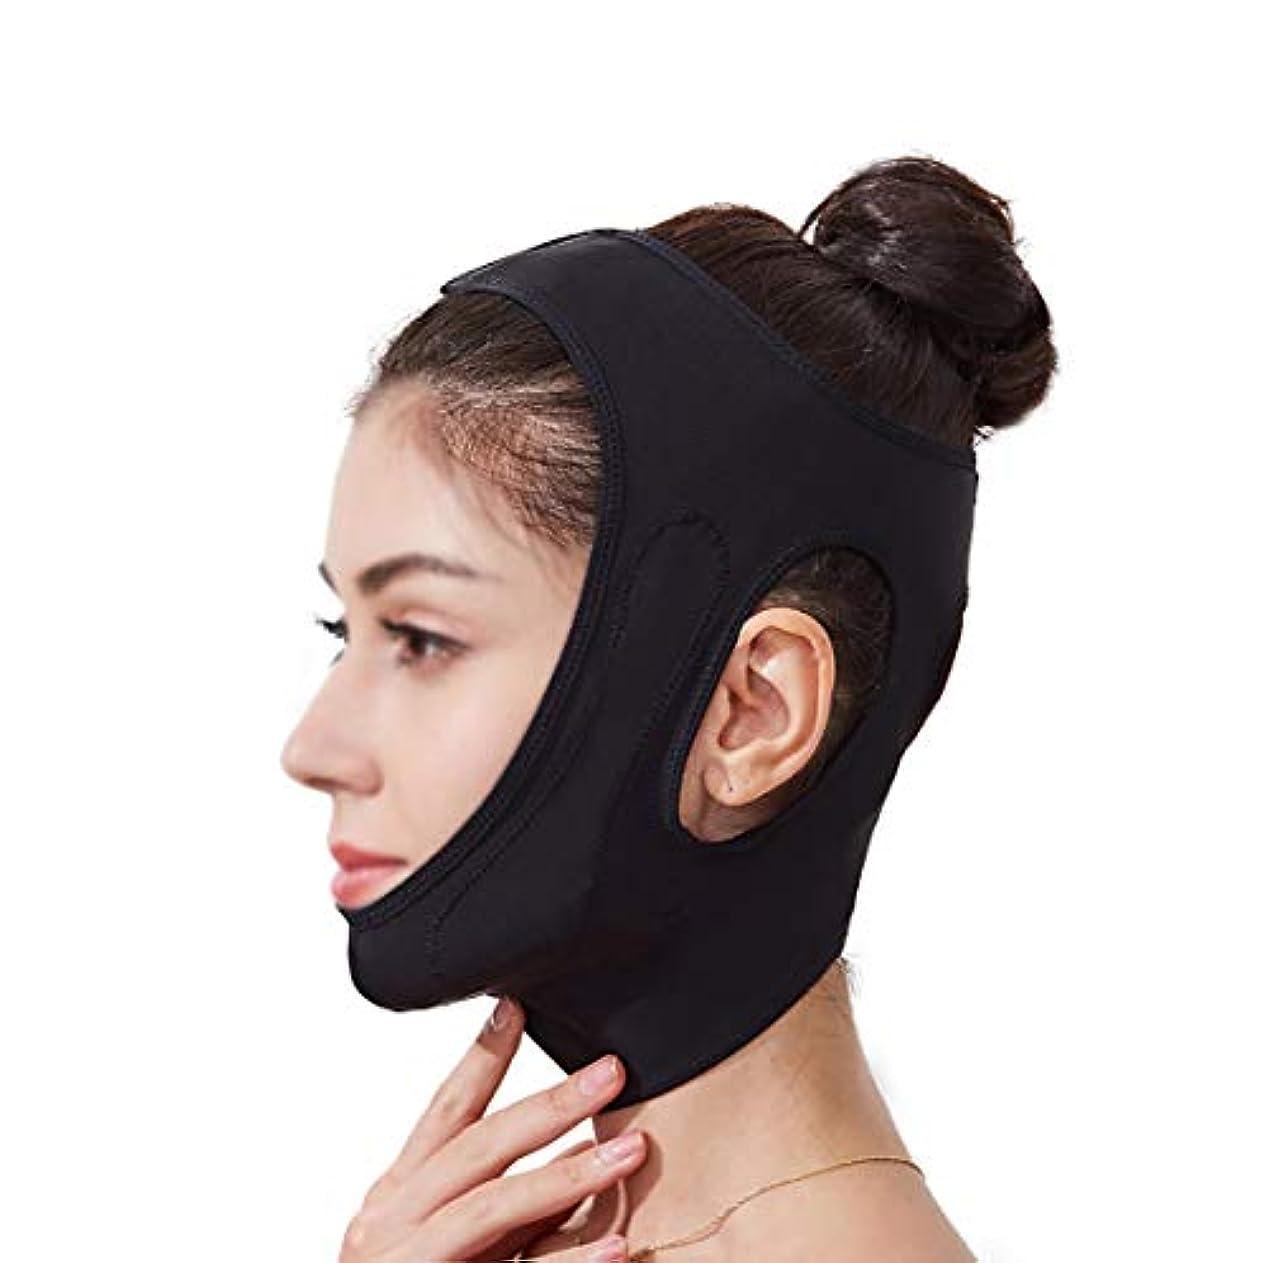 軽減ファンブル収束するフェイスリフティング包帯vフェイスマスクフェイスリフティングあご快適な顔引き締めフェイシャルマッサージワンサイズ (Color : Black)